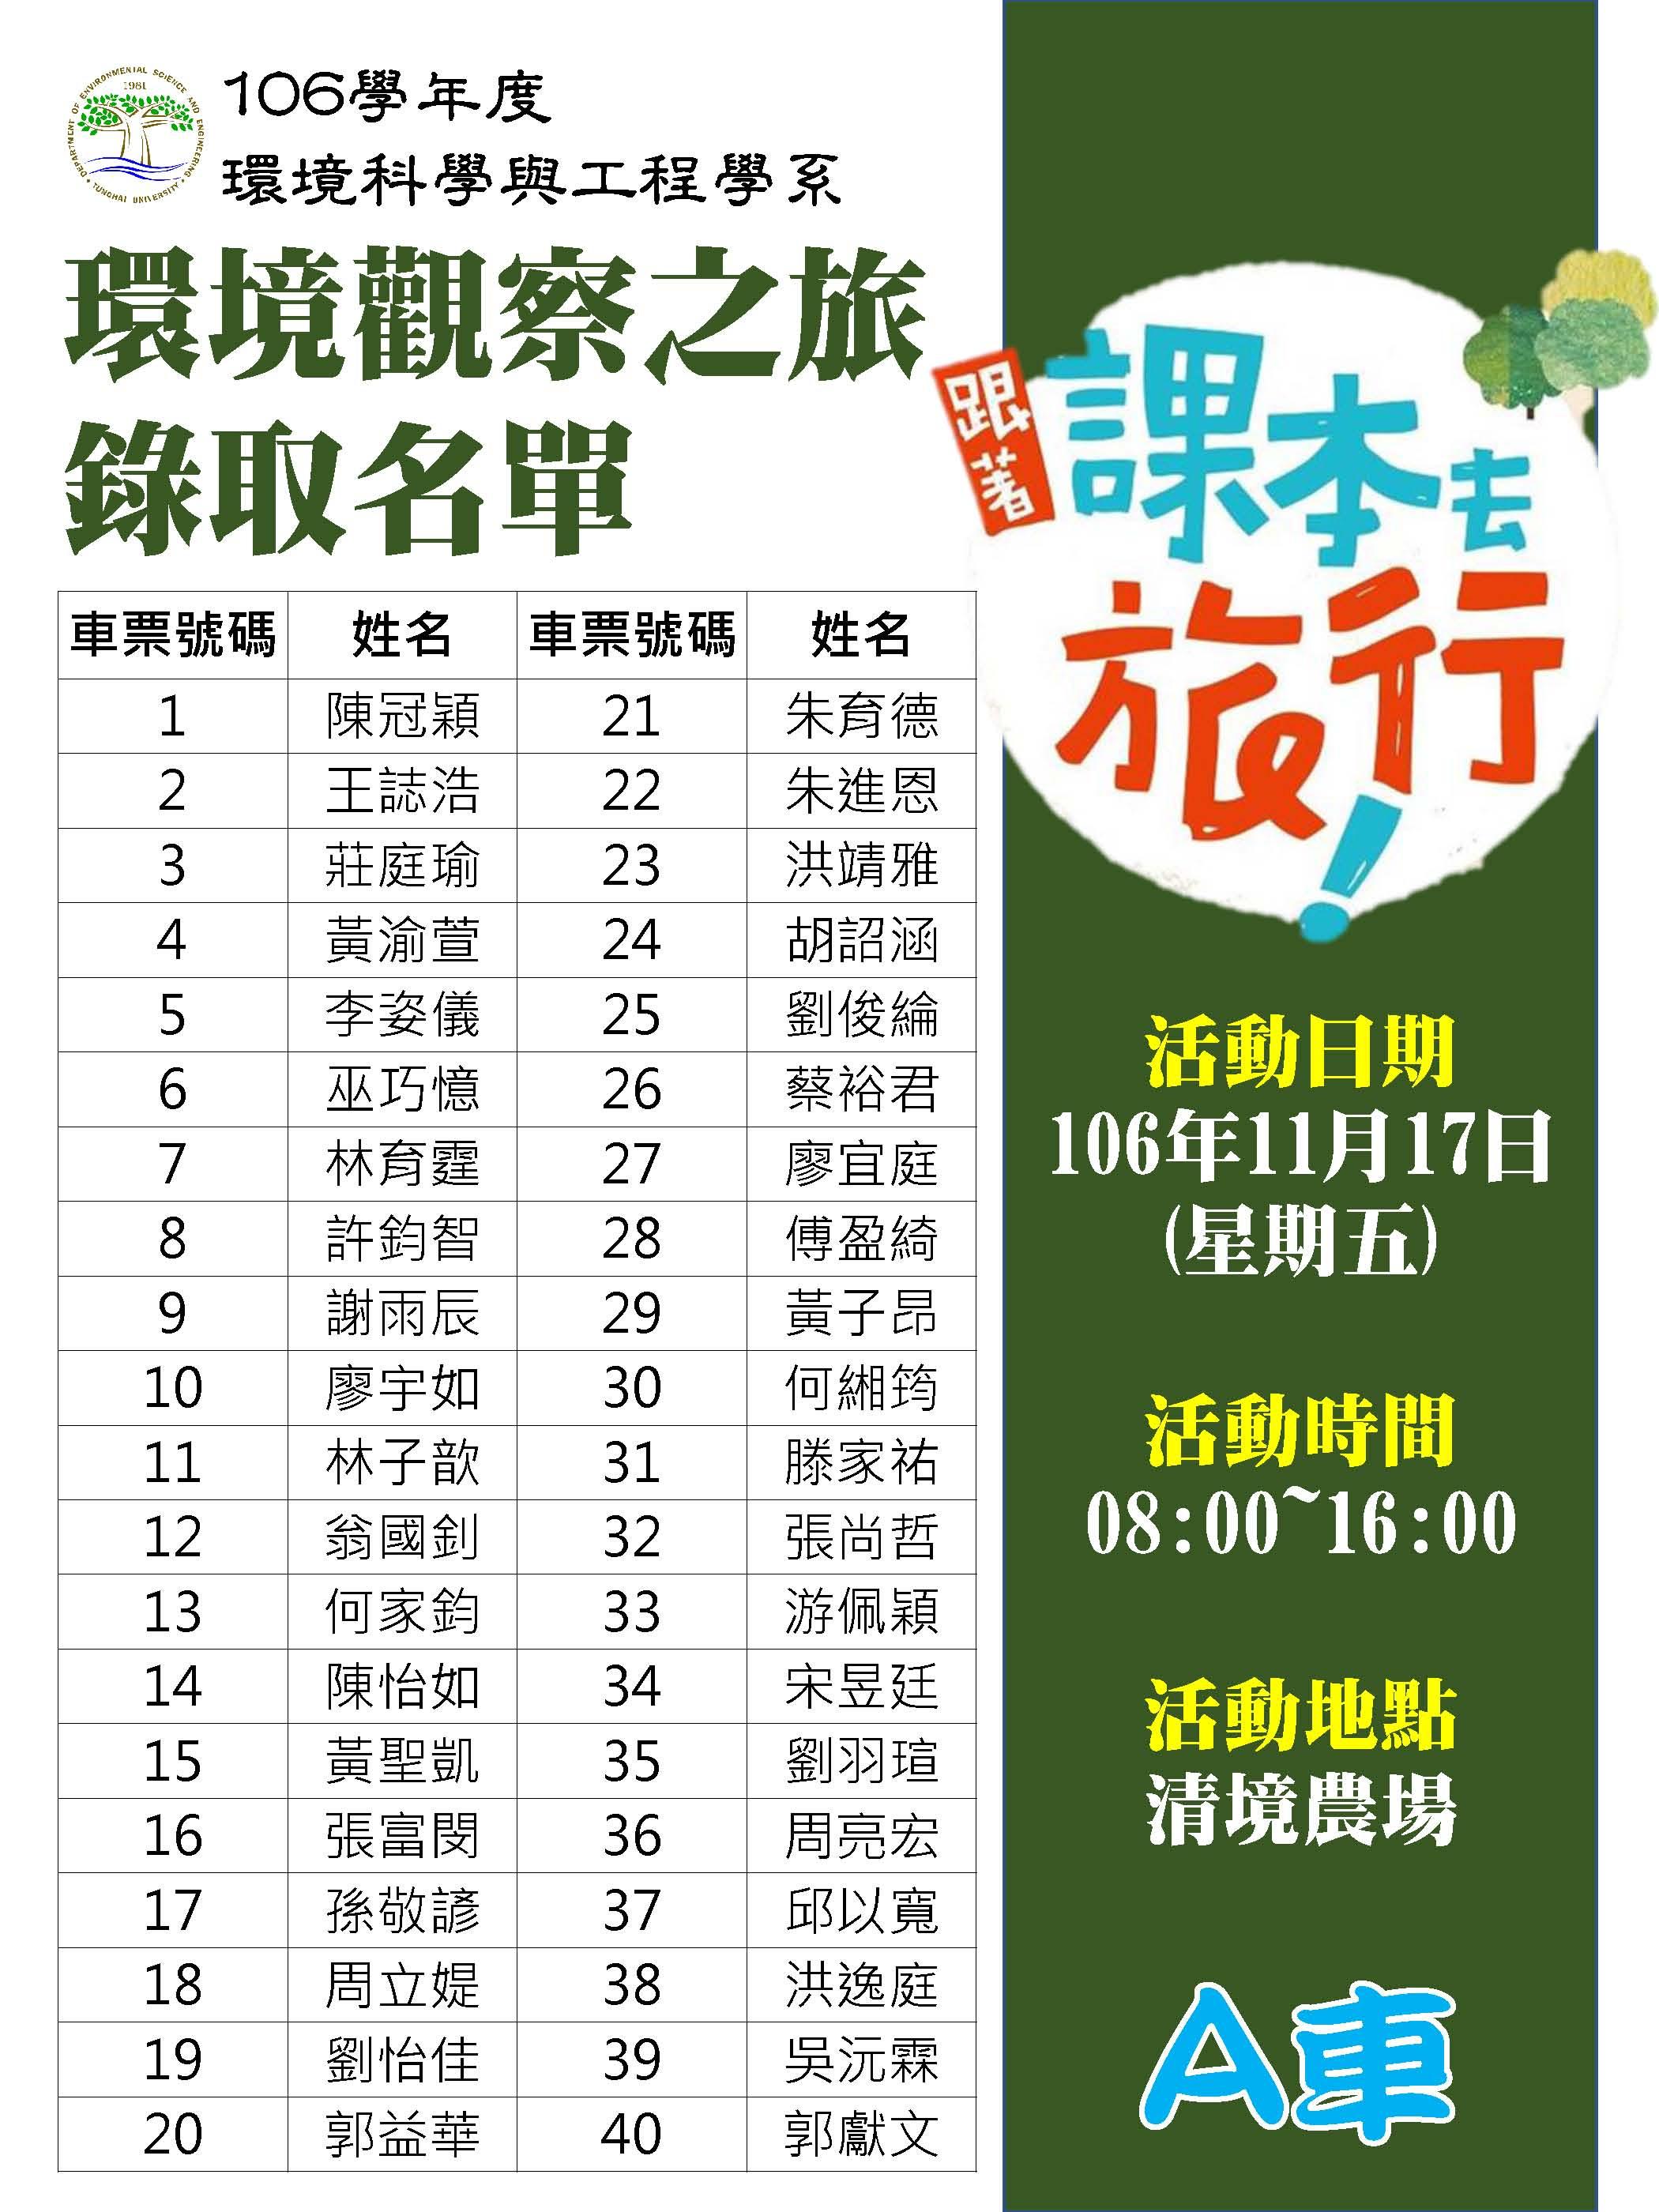 106學年度環境觀察之旅錄取名單暨參訪須知